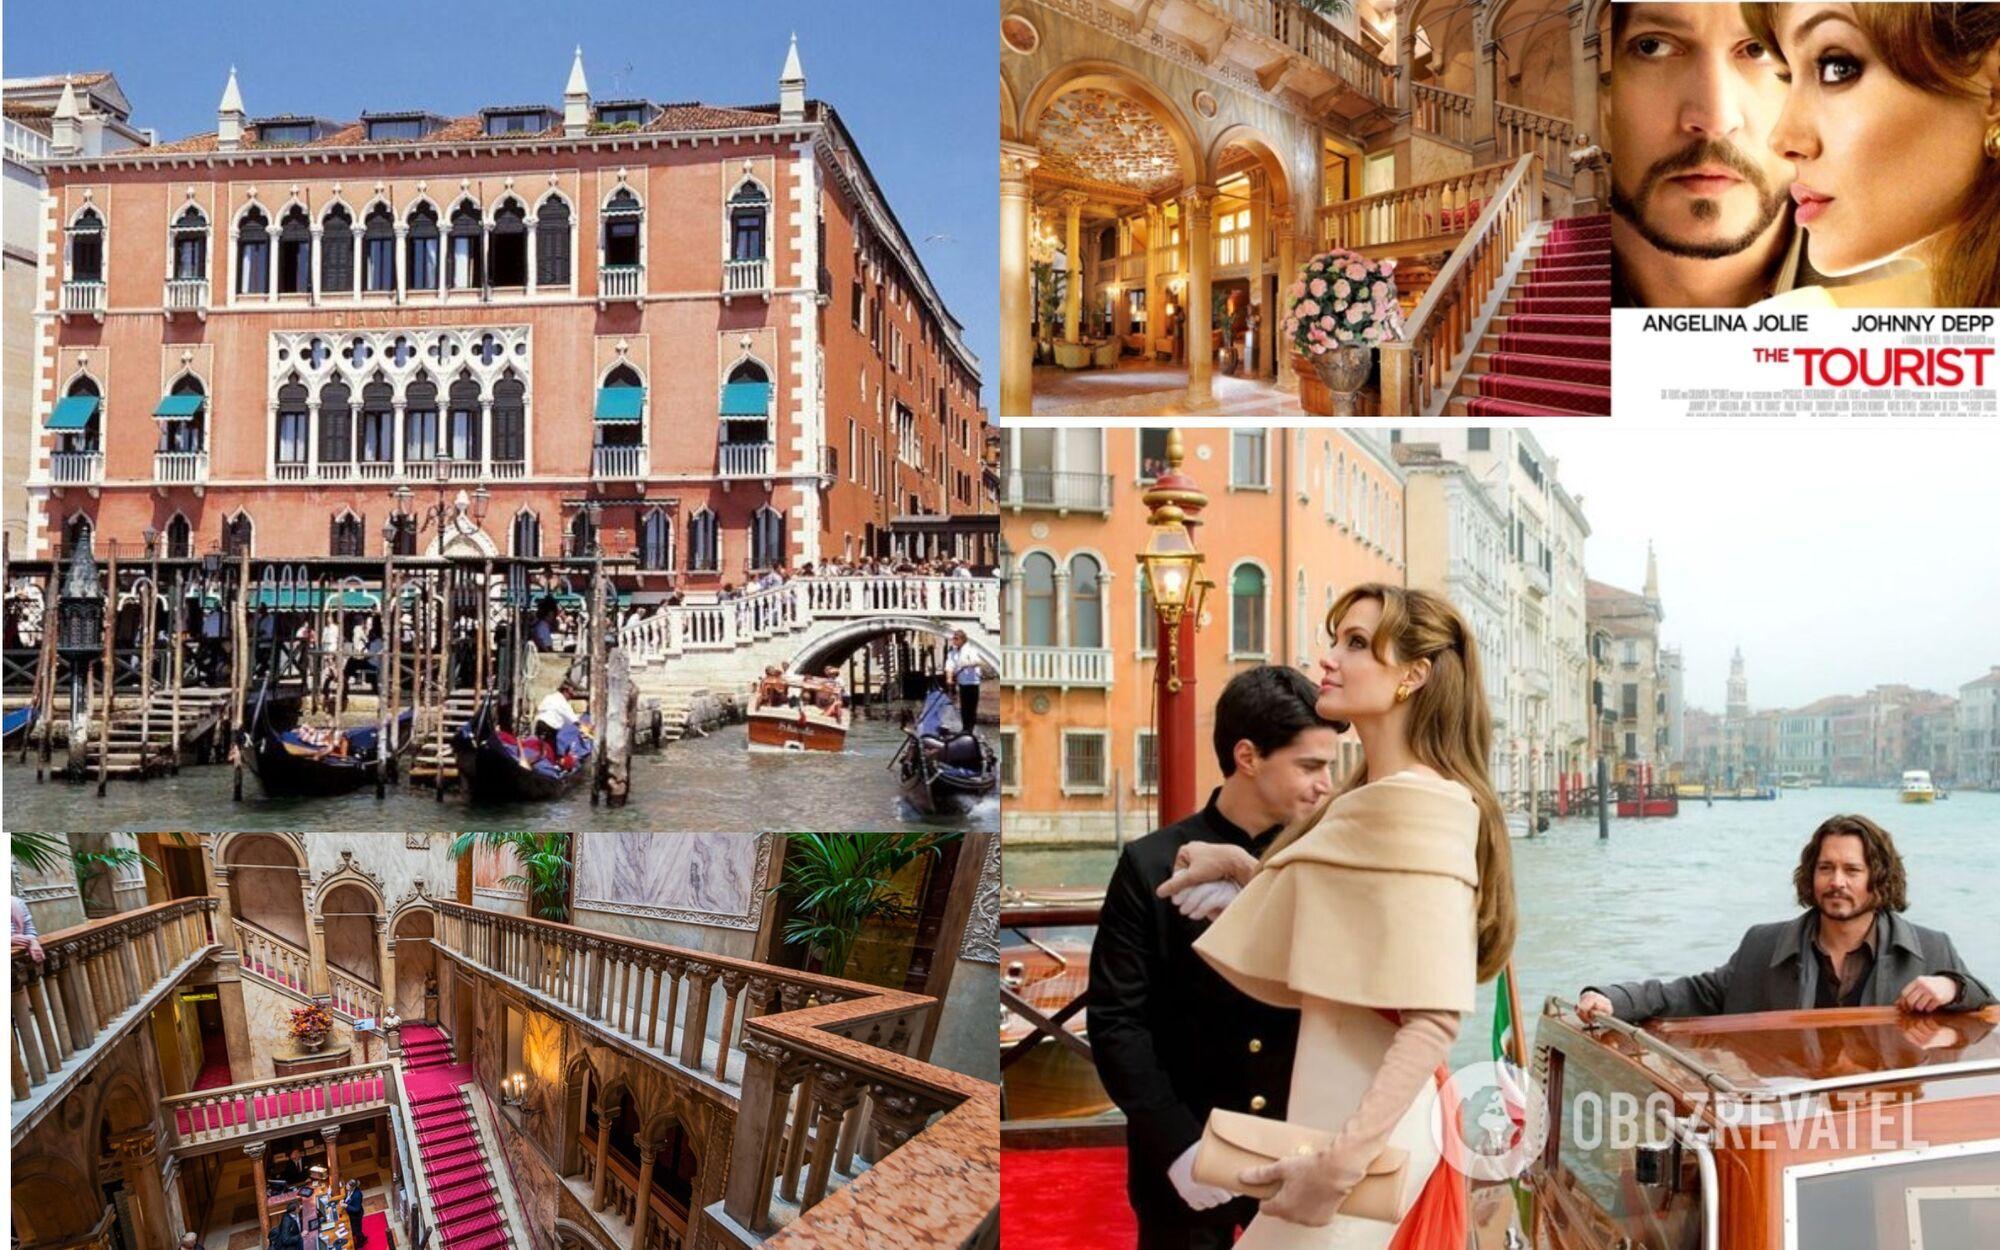 У готелі Danieli в Венеції знімали відомий фільм із Джолі та Деппом